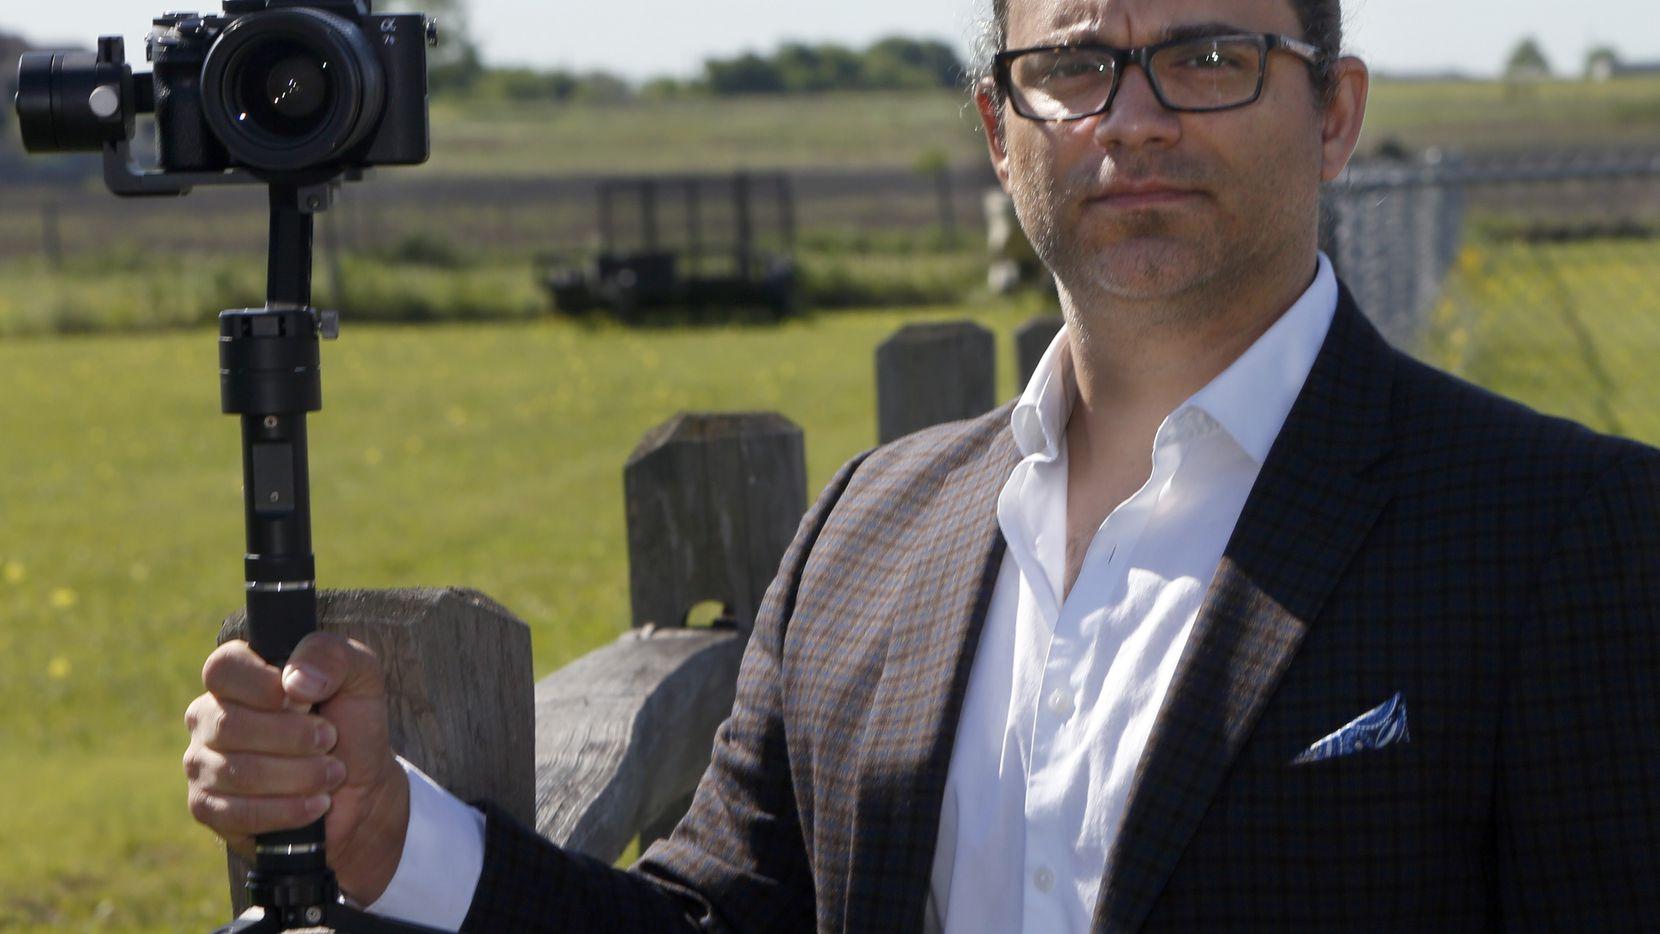 Wes Riojas, es un contratista independiente que trabaja como videógrafo de bodas. Rojas no califica para beneficios desempleo debido a que es contratista, pero la ley CARES podría lanzarle un salvavidas.